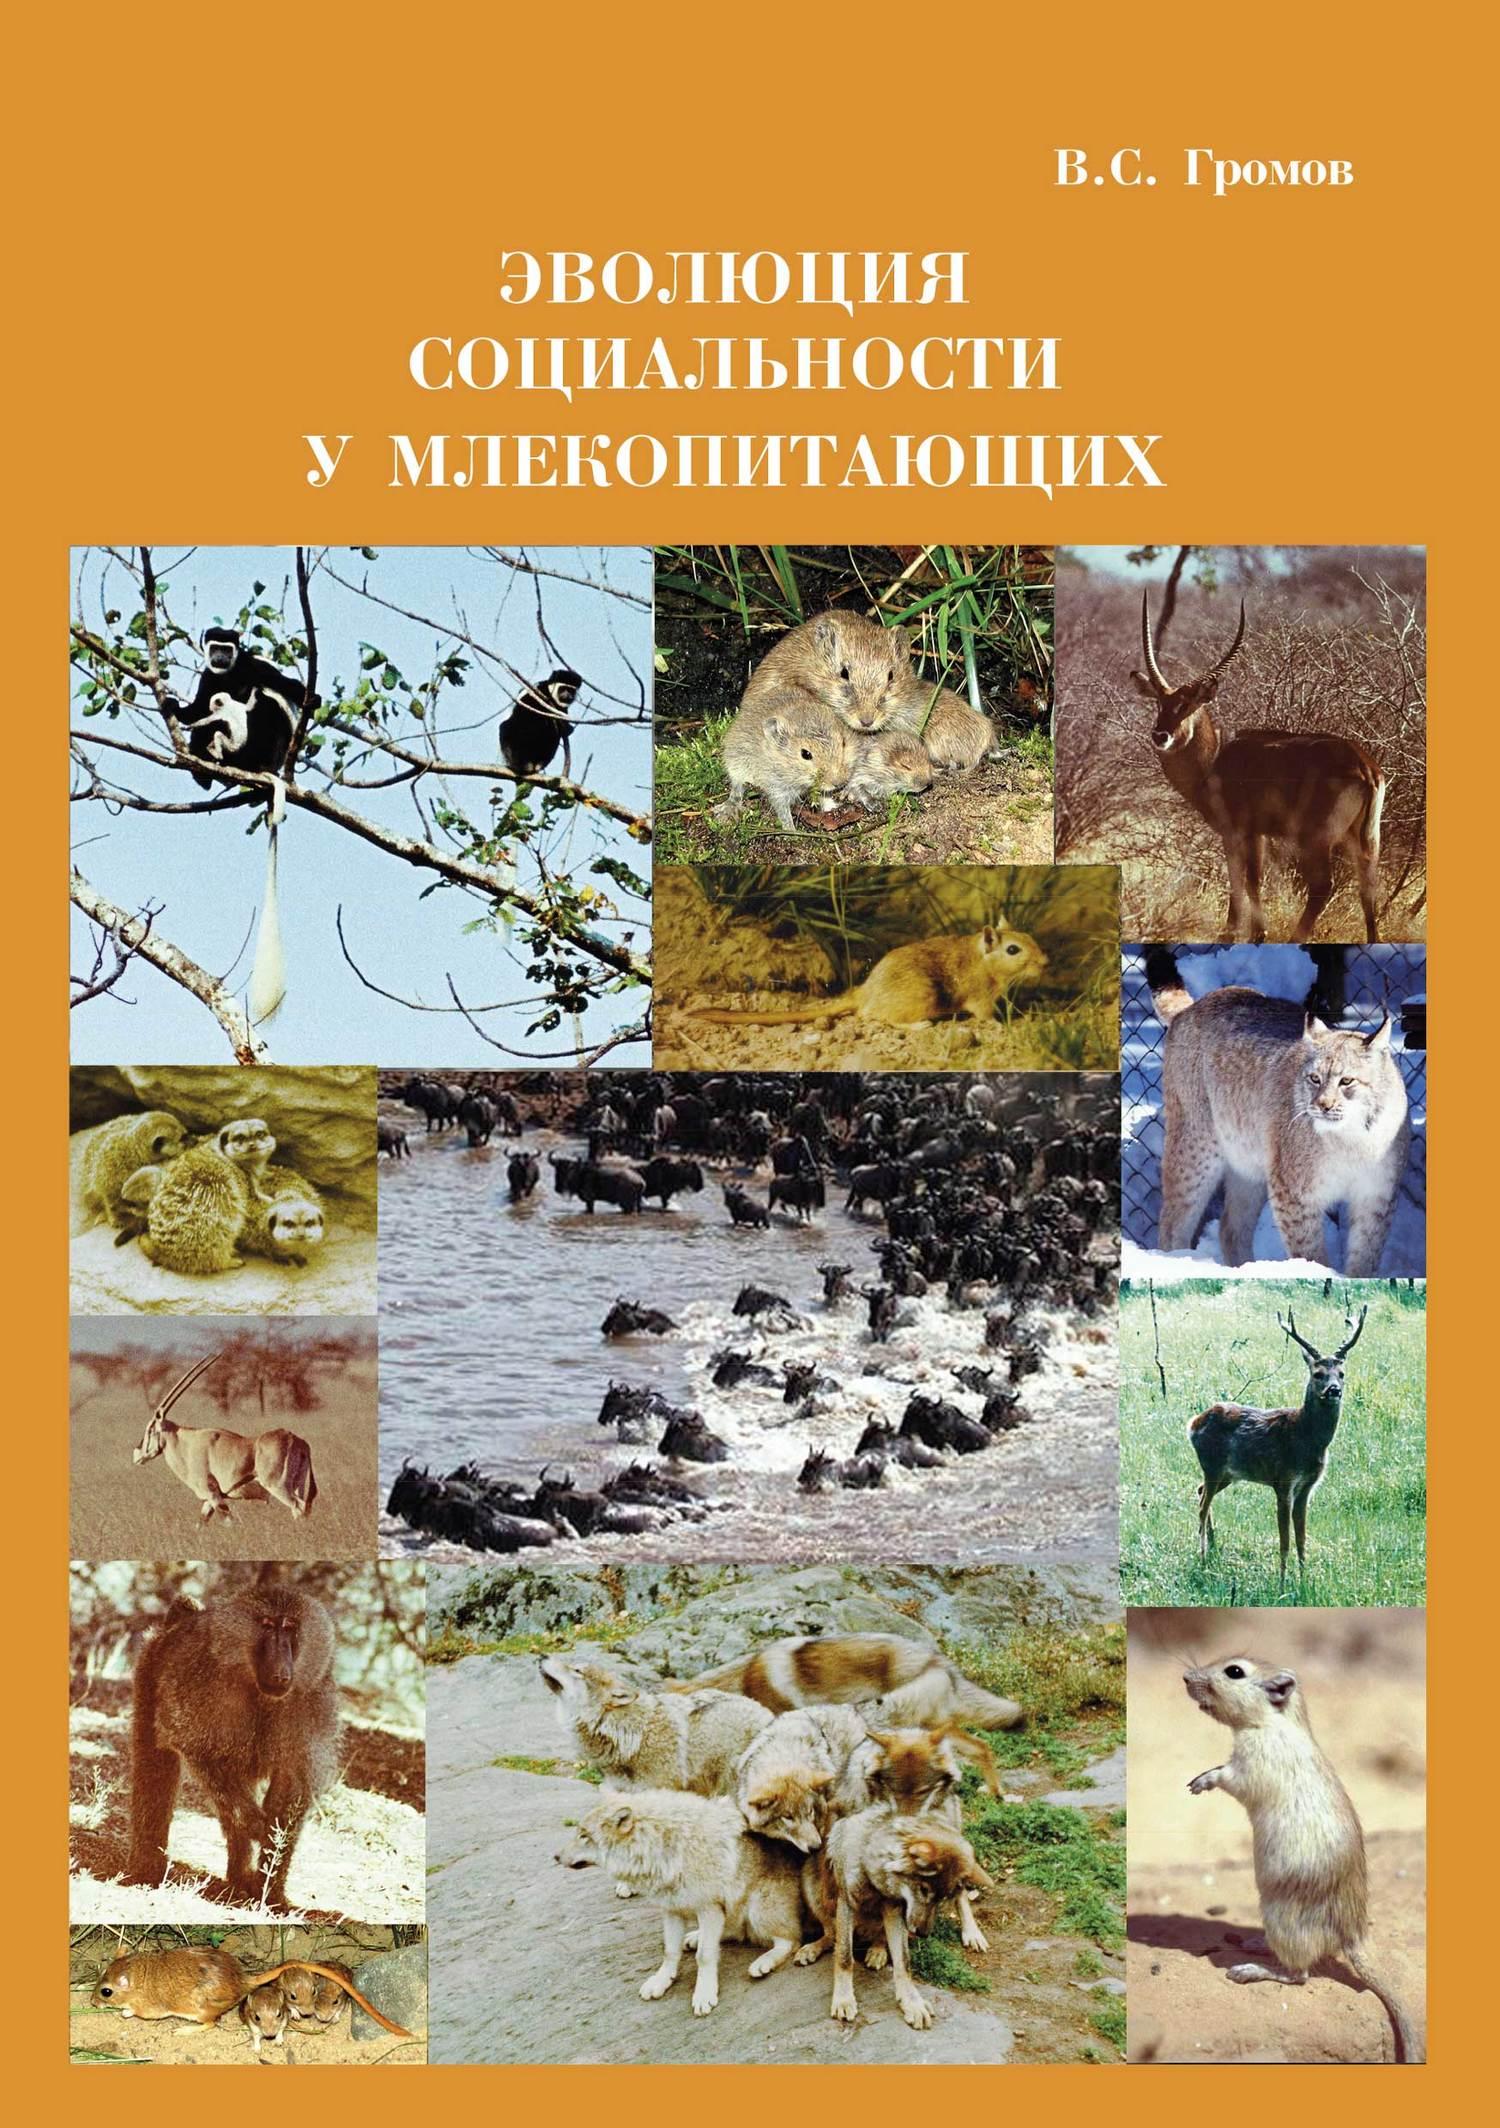 В. С. Громов Эволюция социальности у млекопитающих в с громов эволюция социальности у млекопитающих